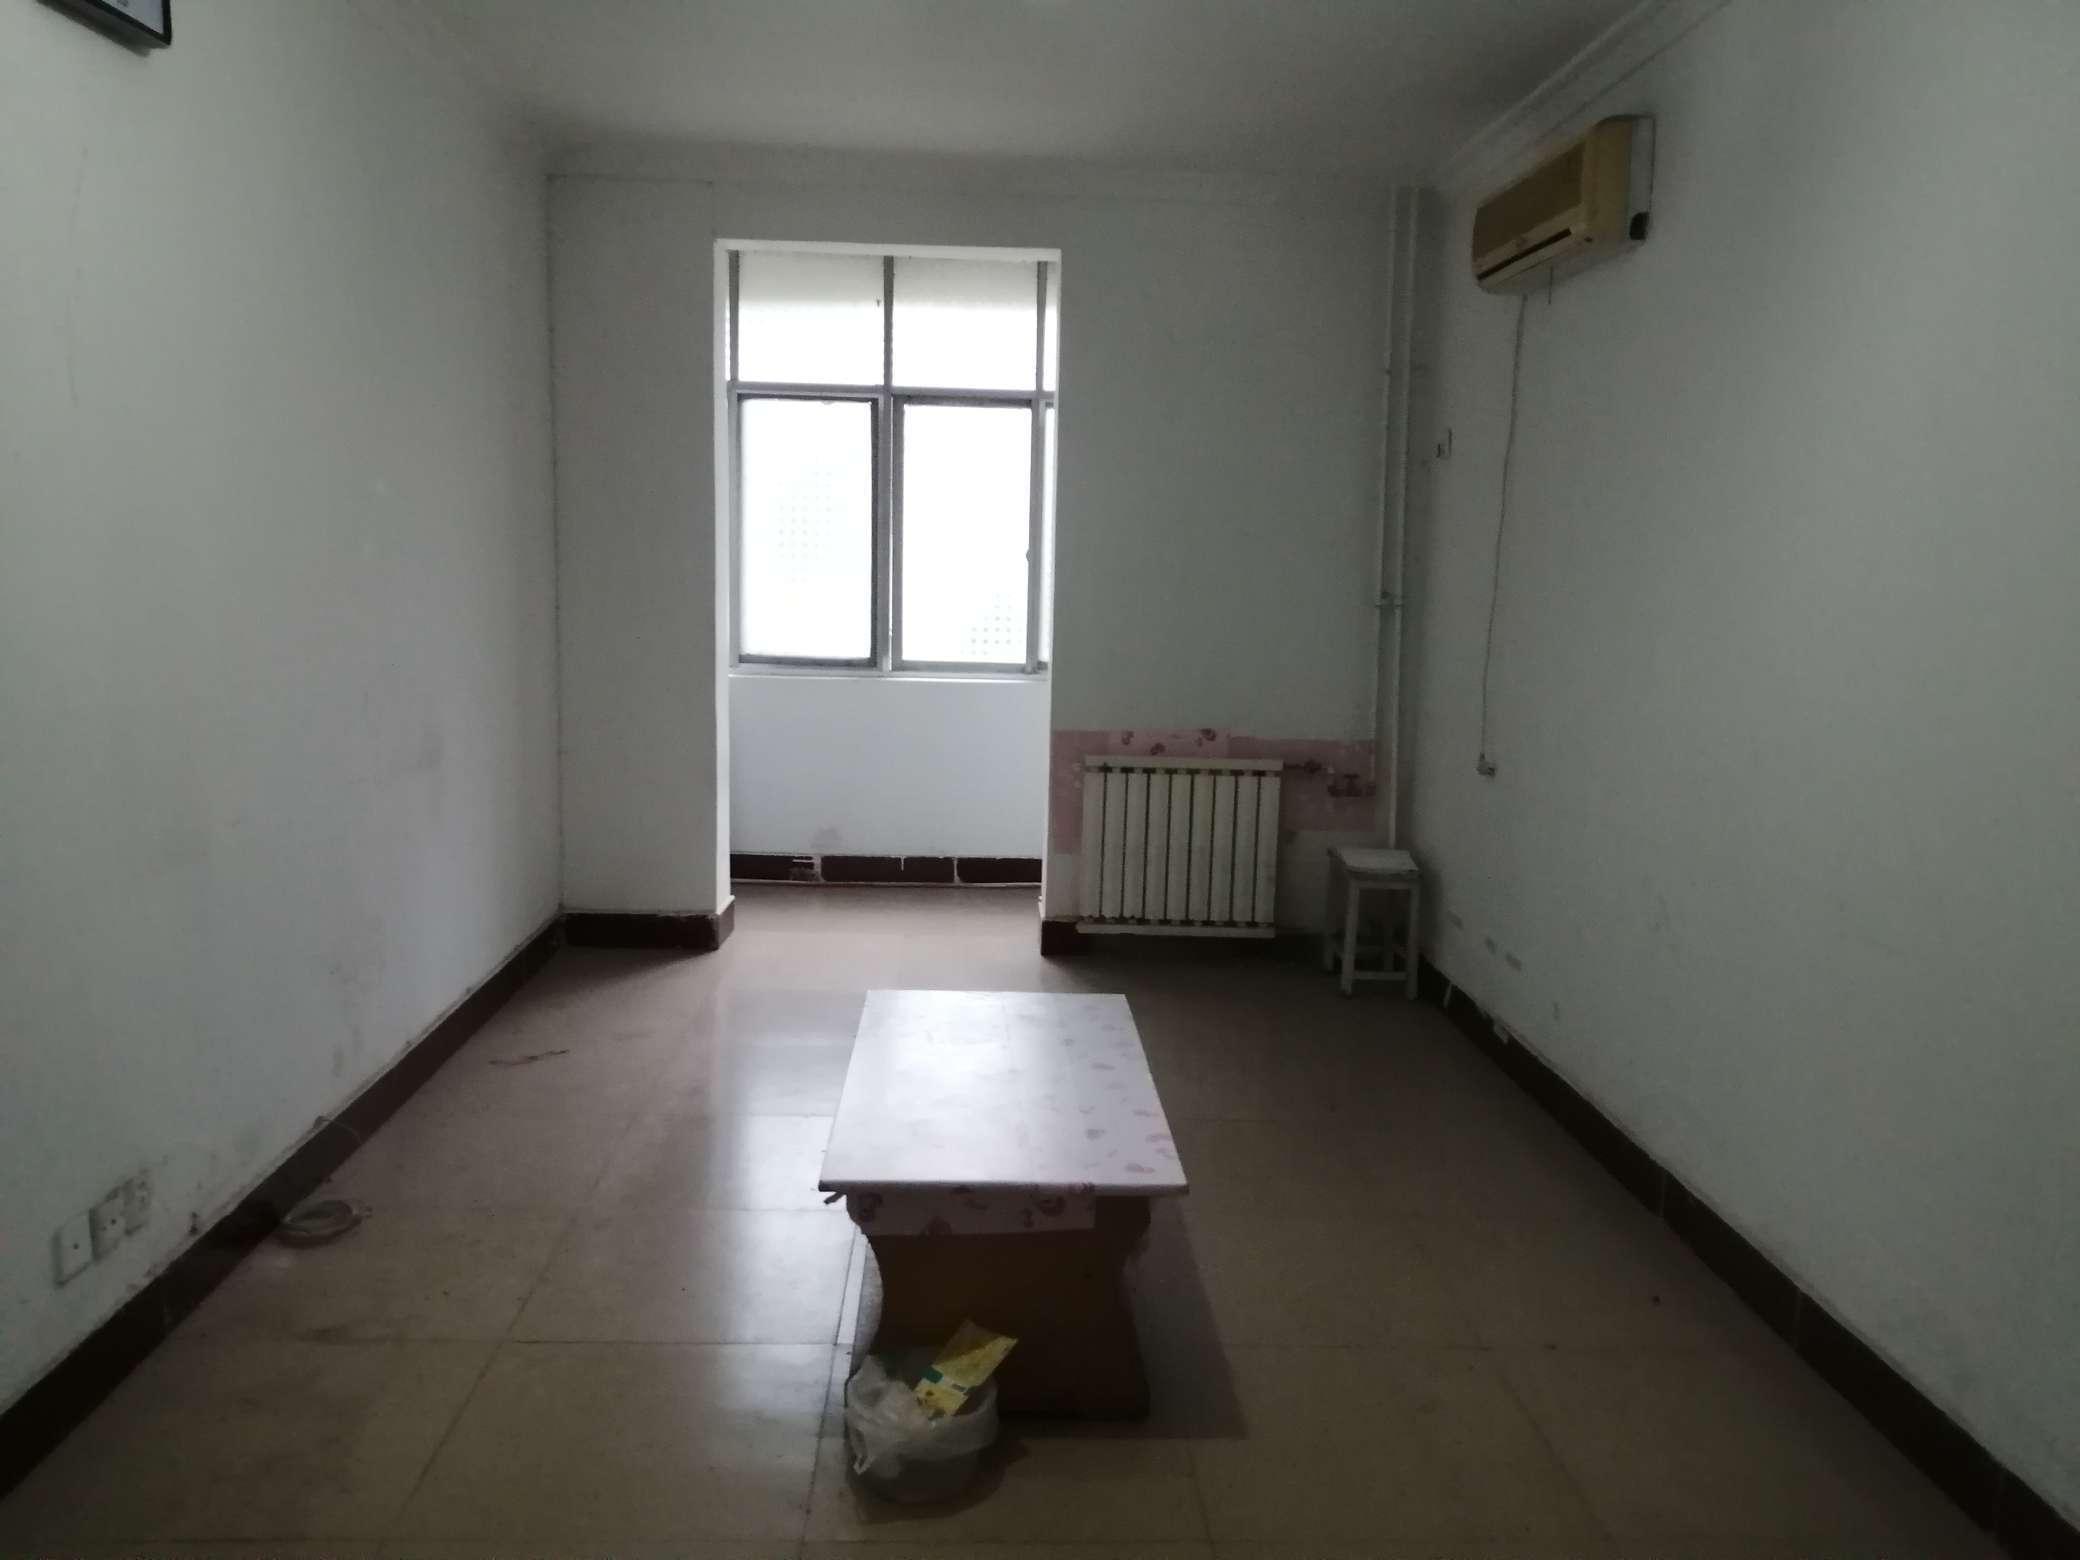 张湾供办院内家属楼